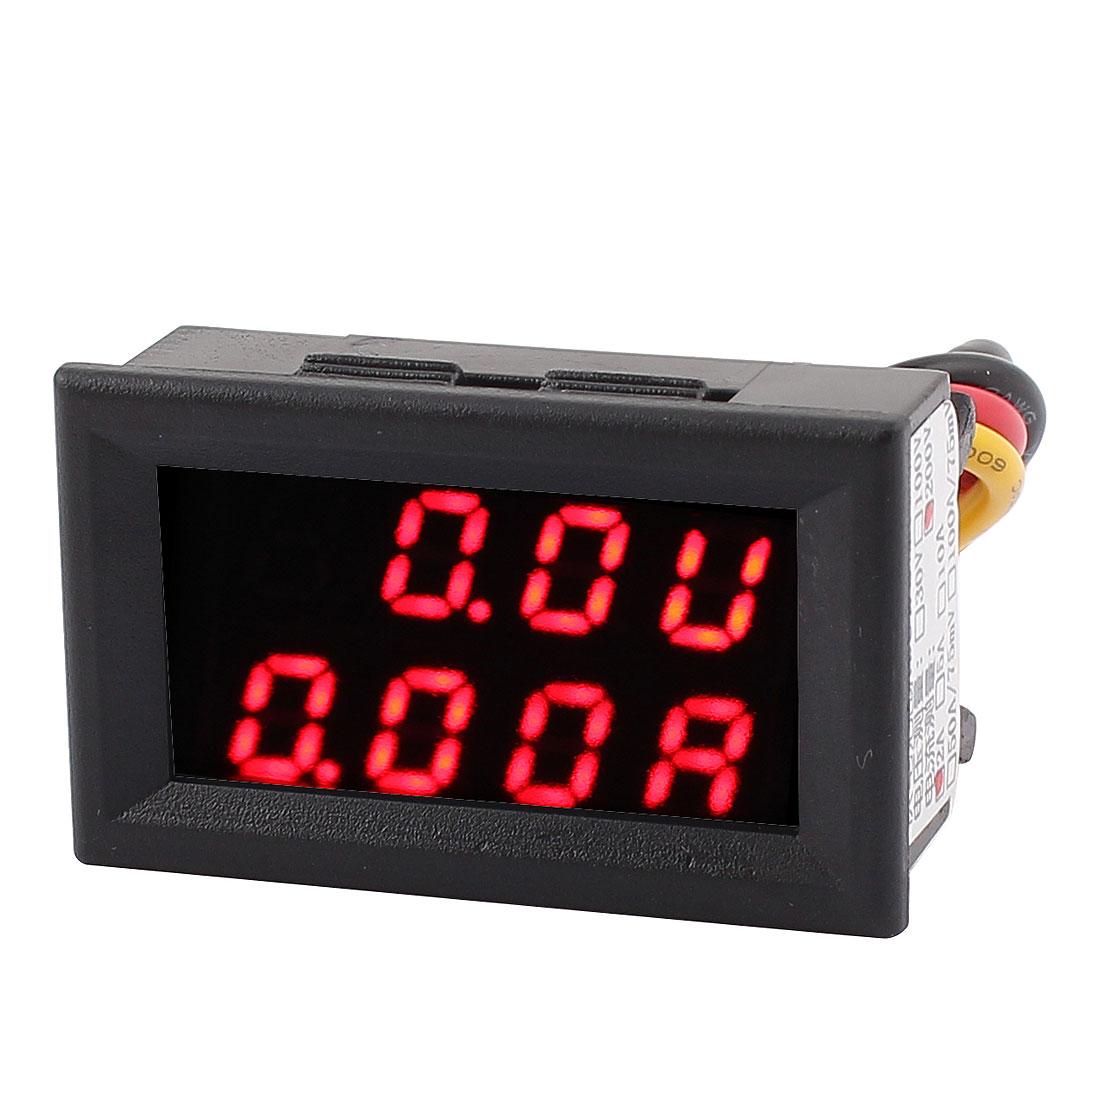 DC 0-200V 0-2A Red LED Dual Digital Display Panel Voltmeter Ammeter Meter